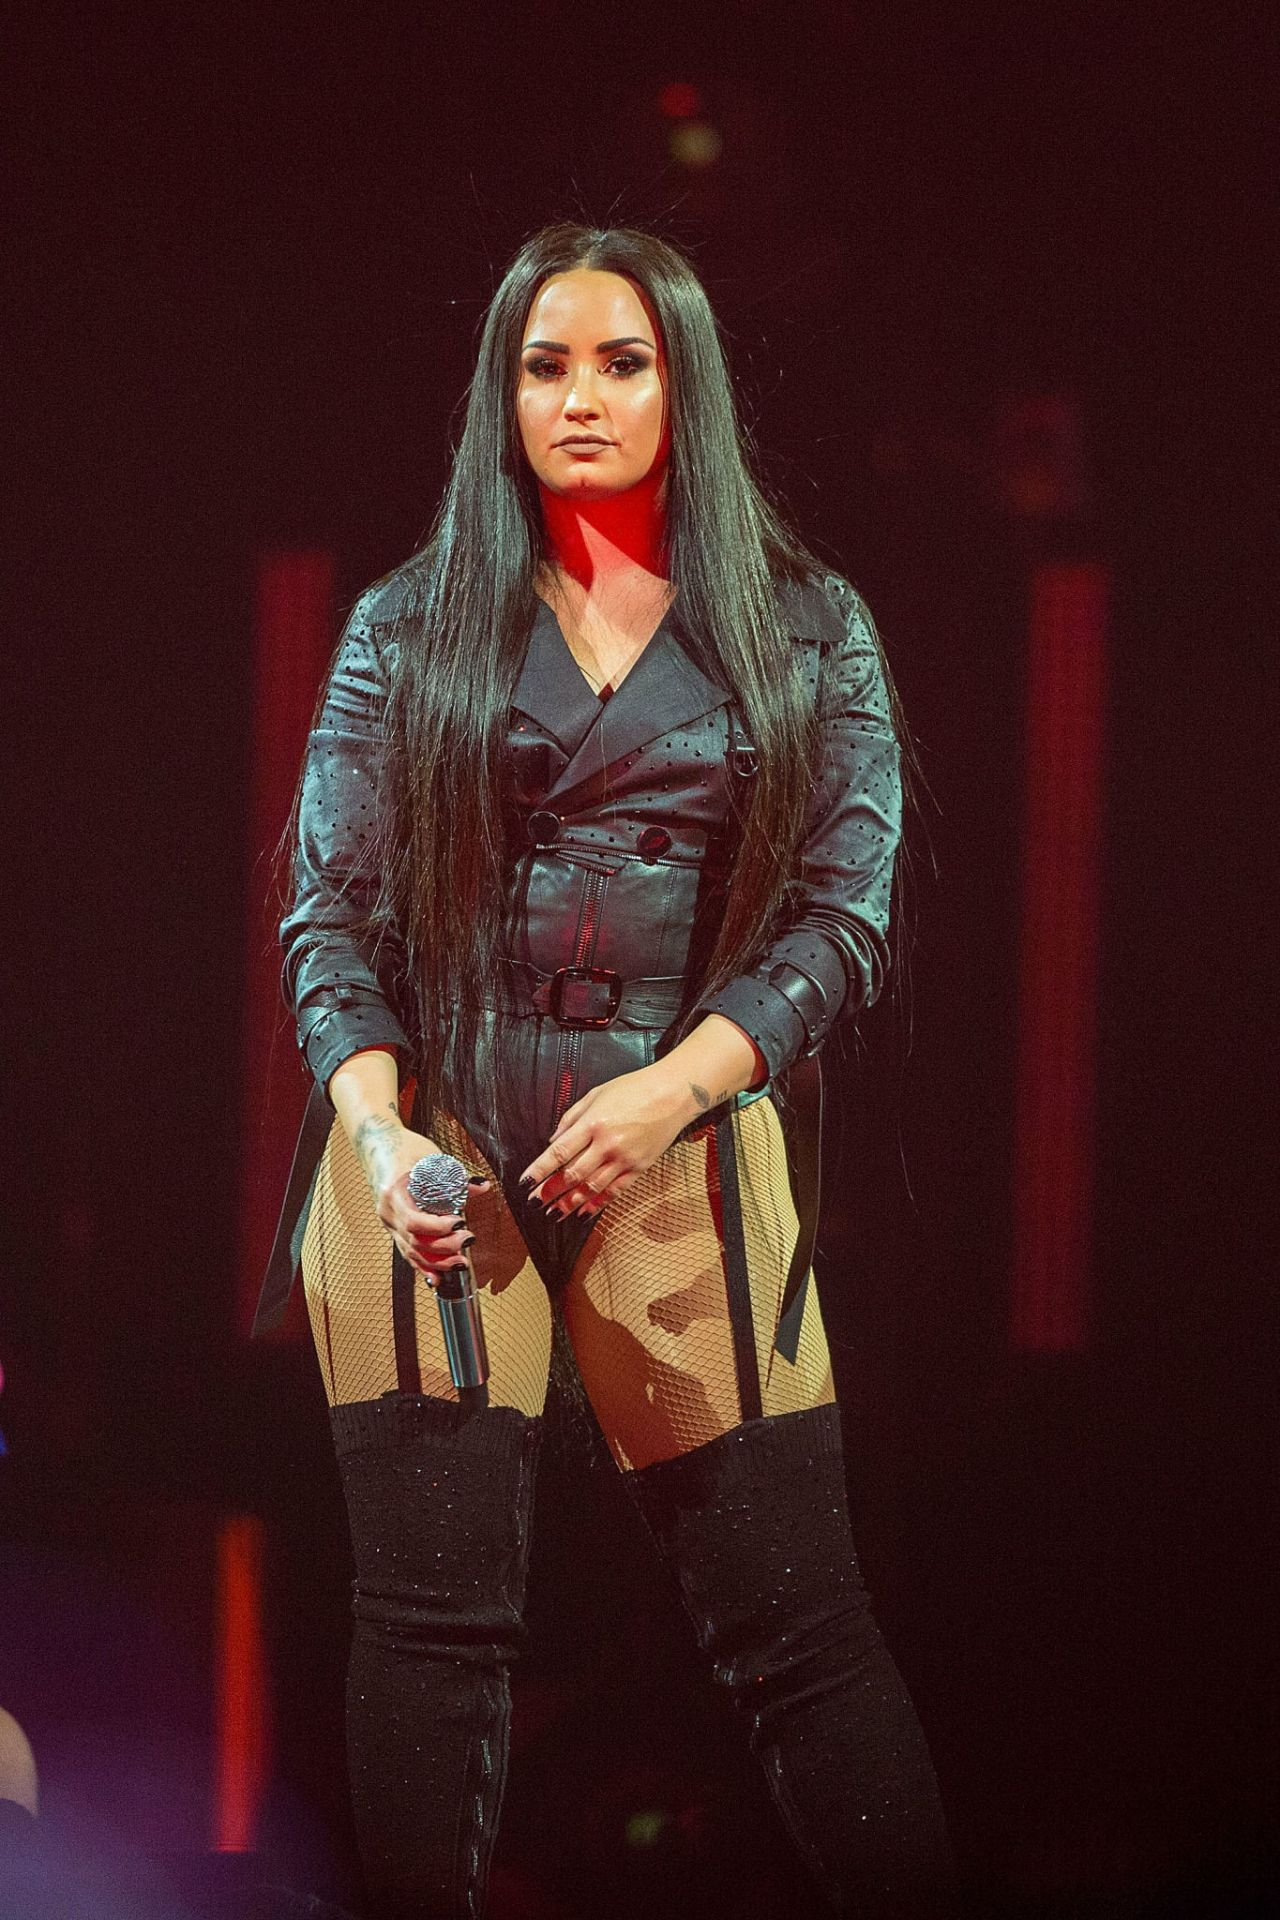 Demi Lovato World Tour Dj Khaled  Set List